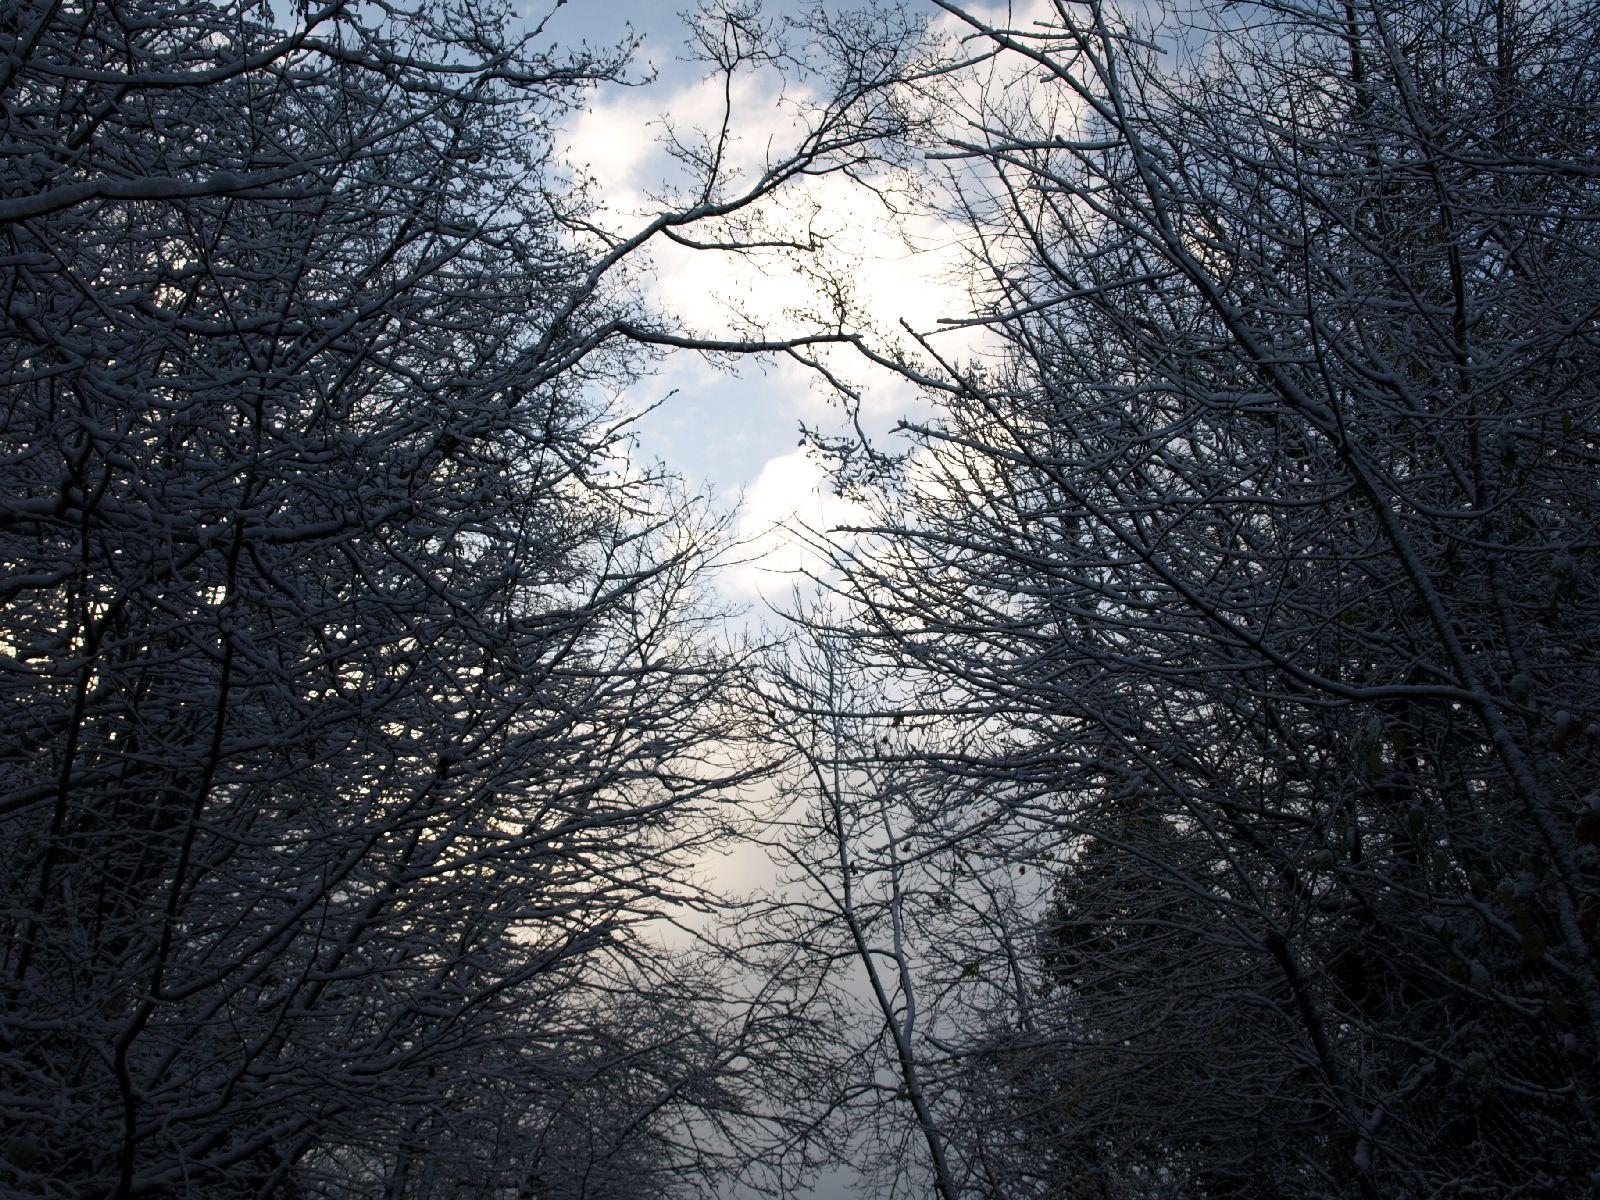 Snow_Texture_A_PB226719